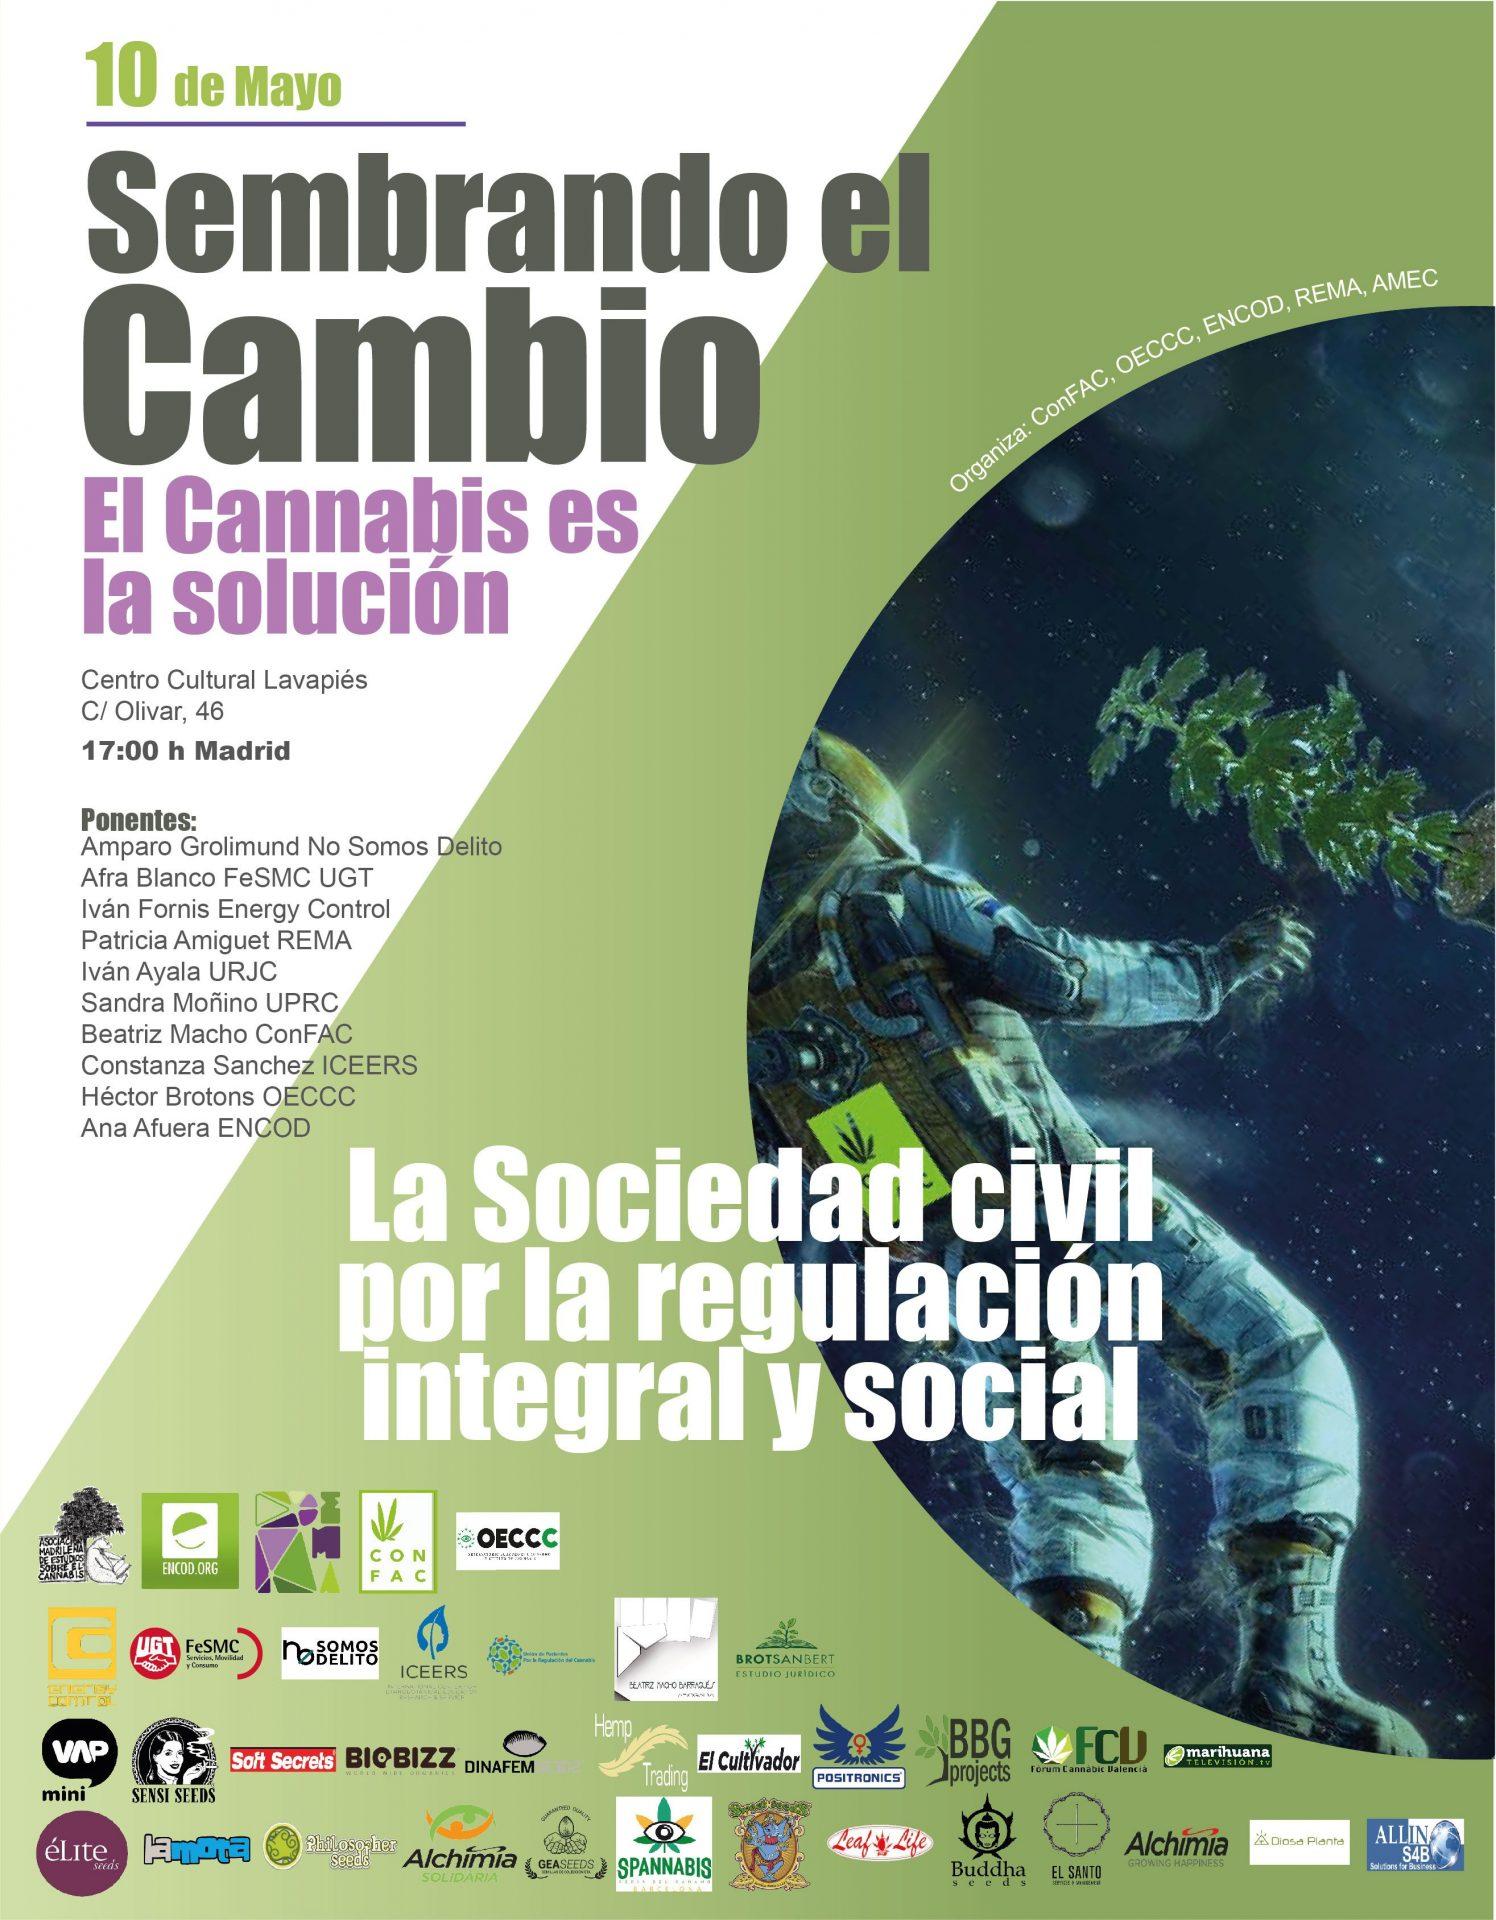 Mesa debate, Sembrando el Cambio,  El Cannabis es la solución. La Sociedad Civil por la regulación integral y social. 10